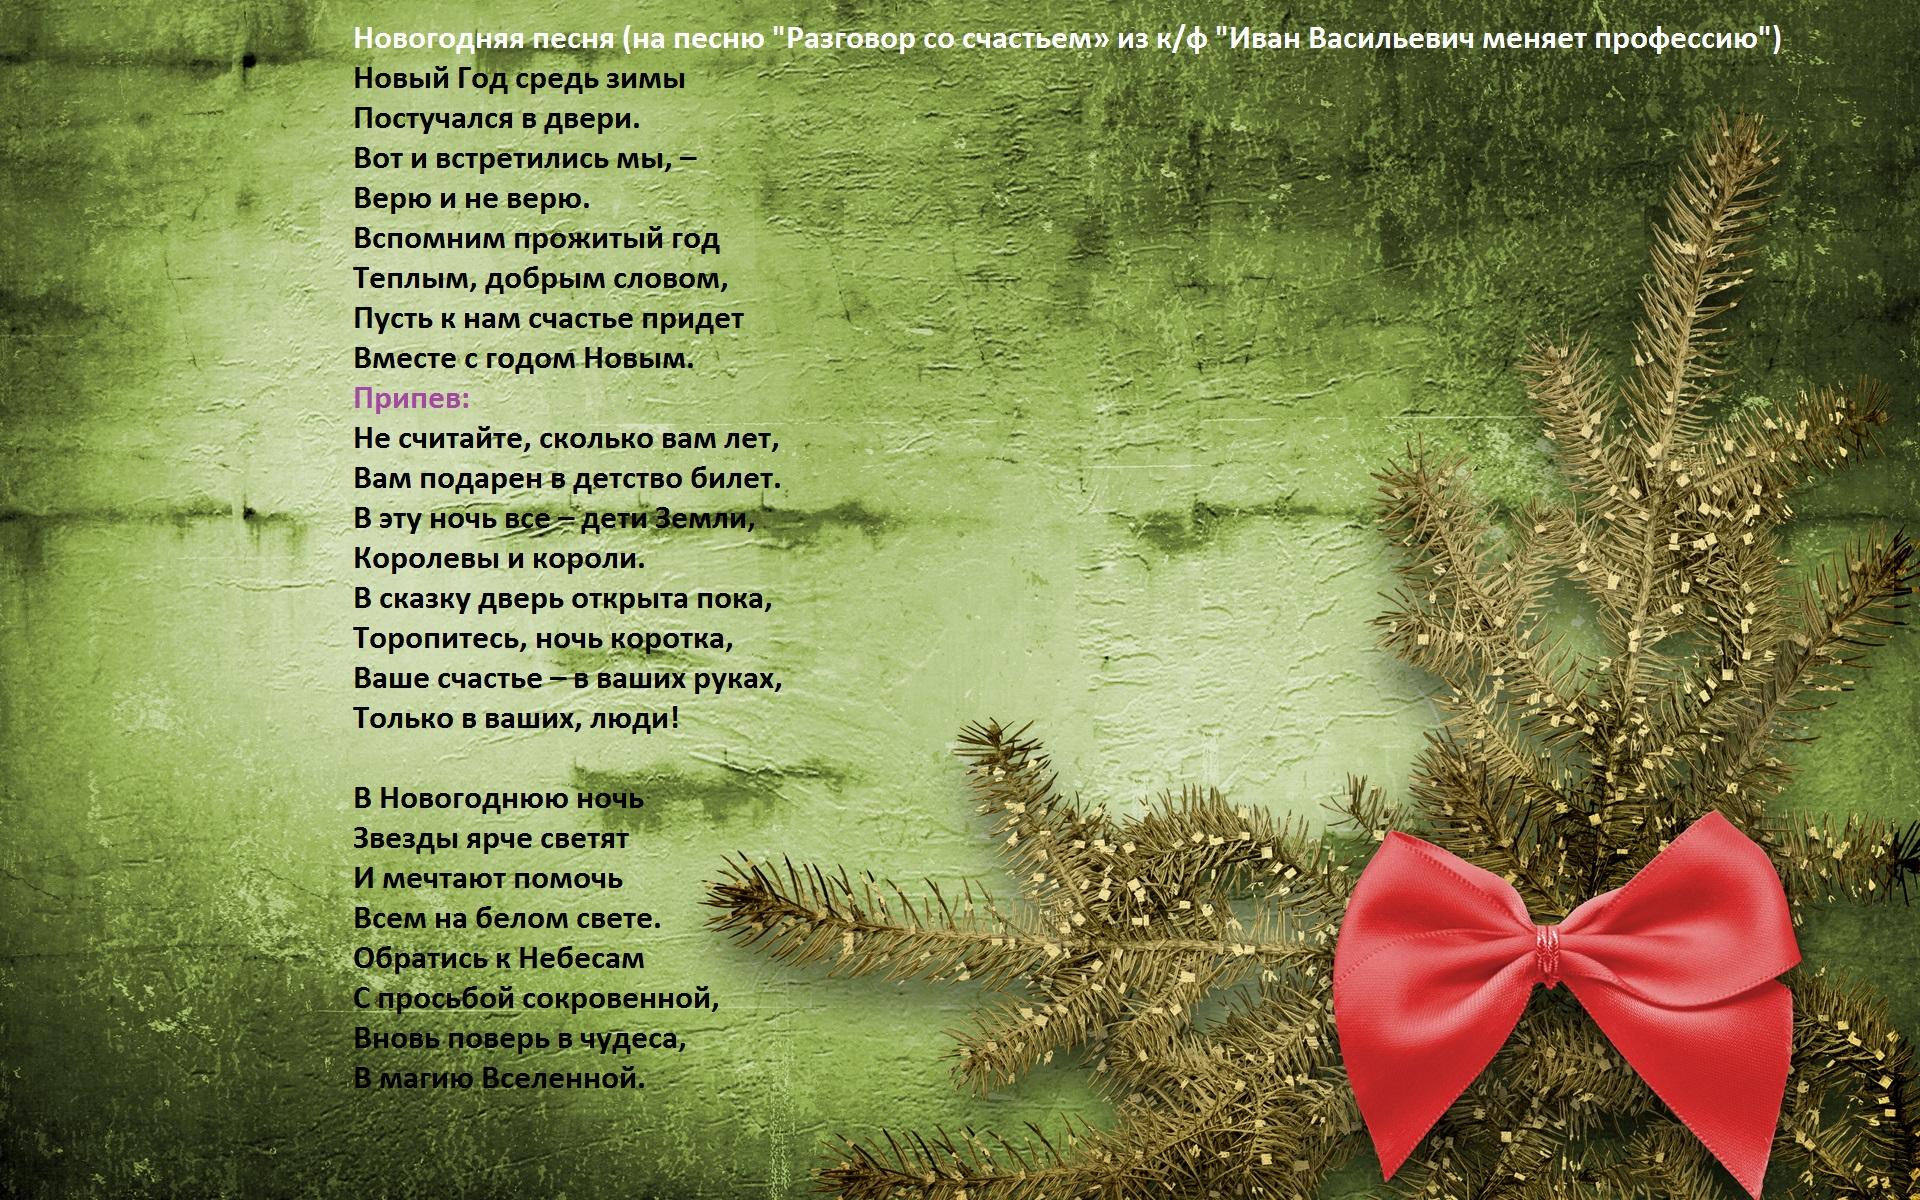 ПЕРЕДЕЛАННЫЕ НОВОГОДНИЕ ПЕСНИ НА КОРПОРАТИВ СКАЧАТЬ БЕСПЛАТНО